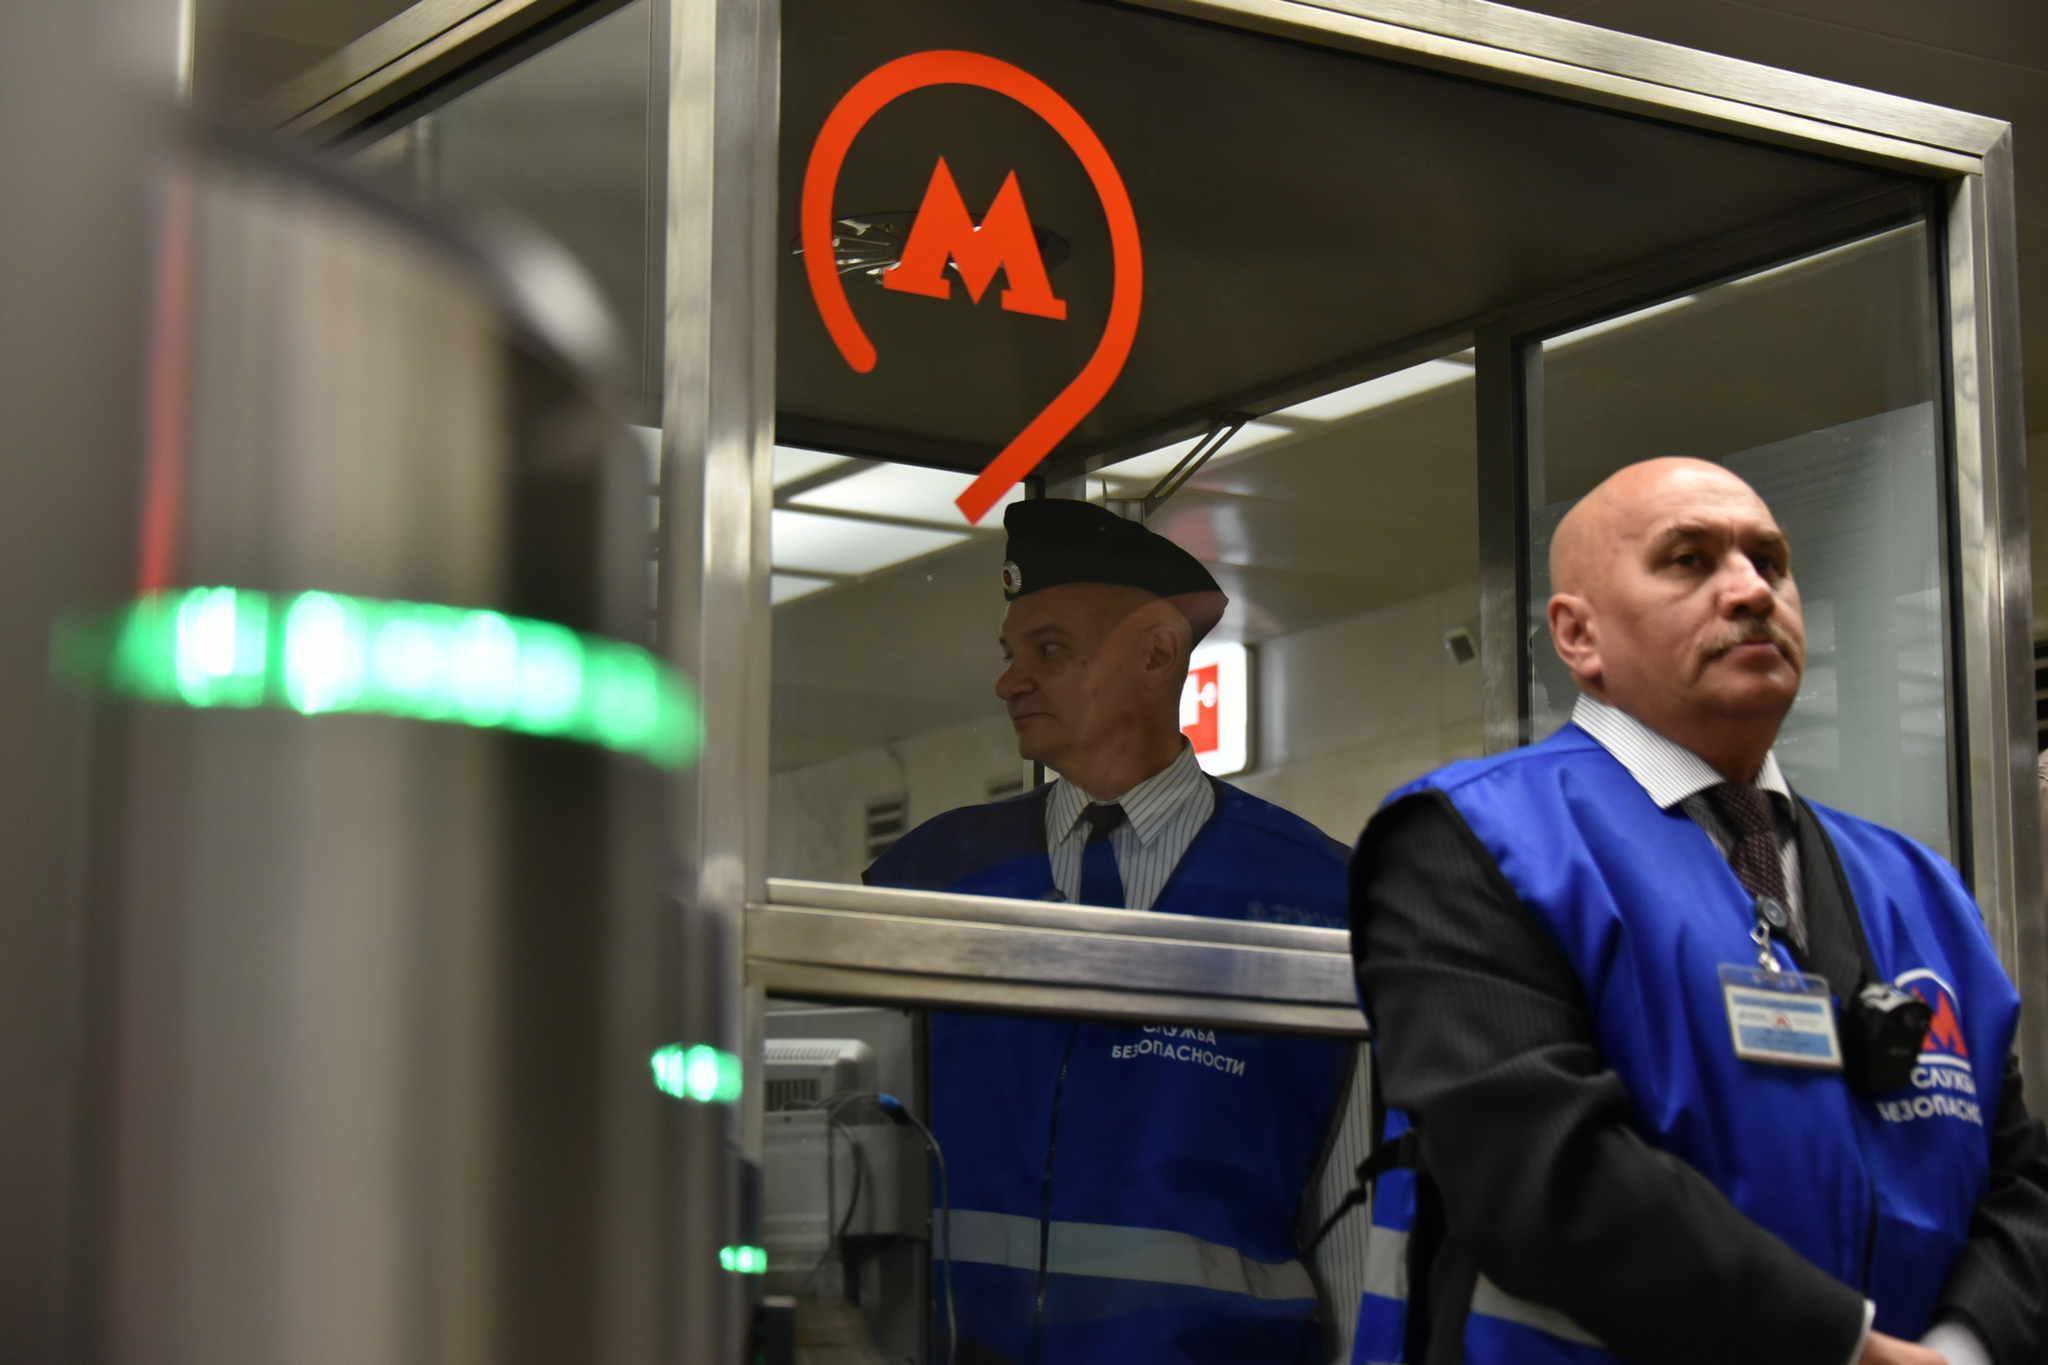 Метро Москвы начало испытывать систему оплаты с помощью сканирования лица